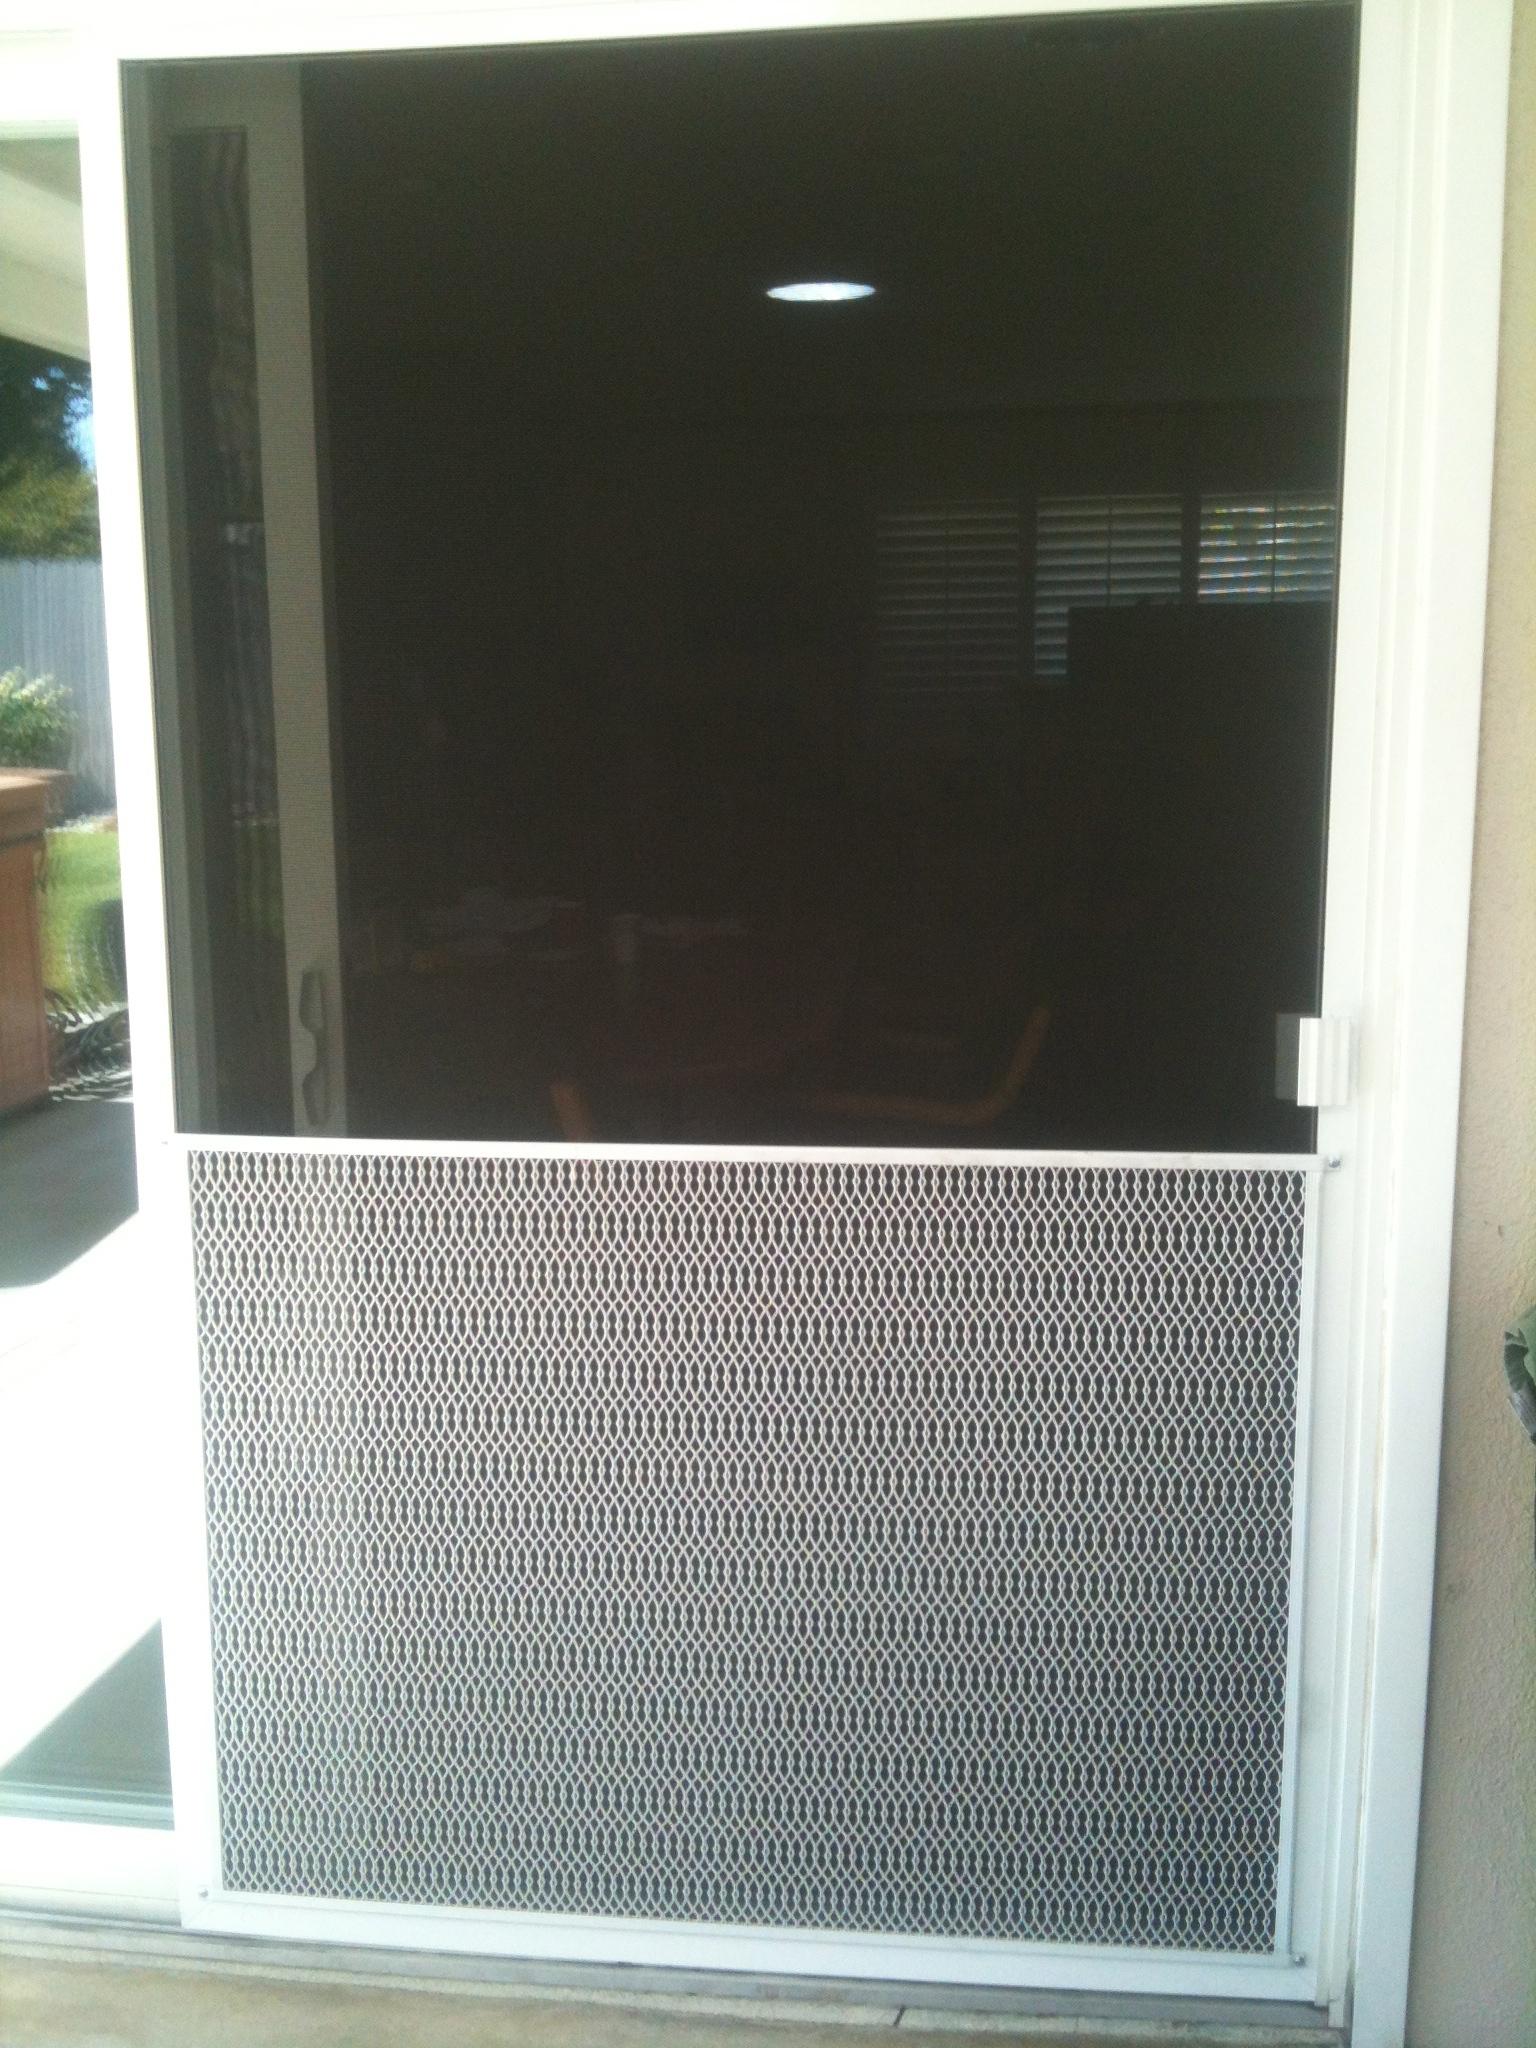 Sliding Screen Door Guard 48 Wide1536 X 2048